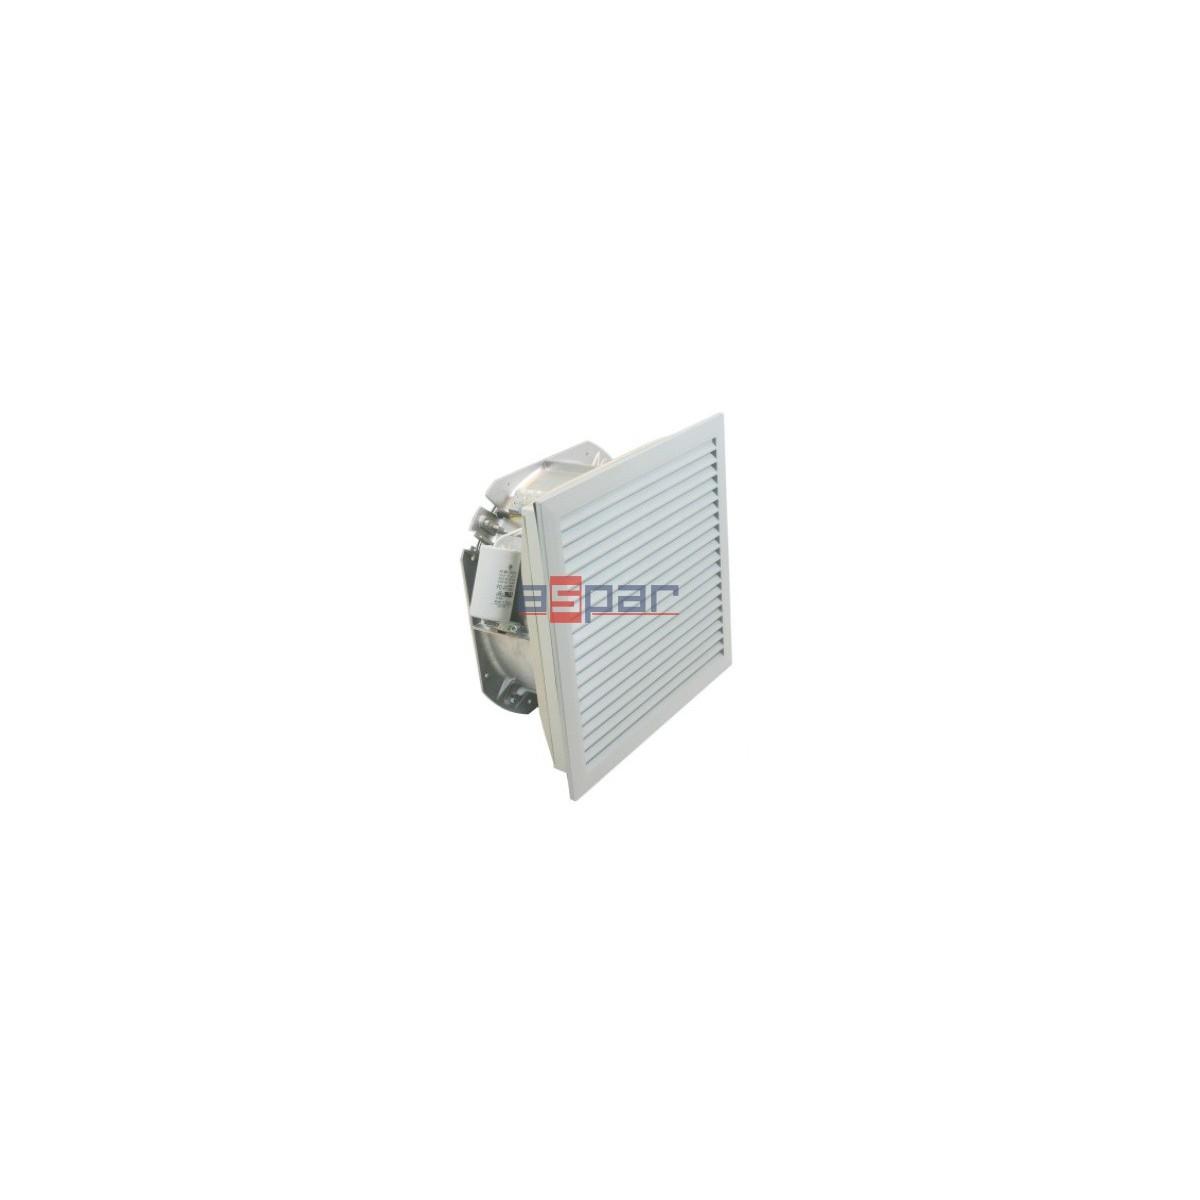 LV 800 230VAC - filter fan, 323 x 323mm